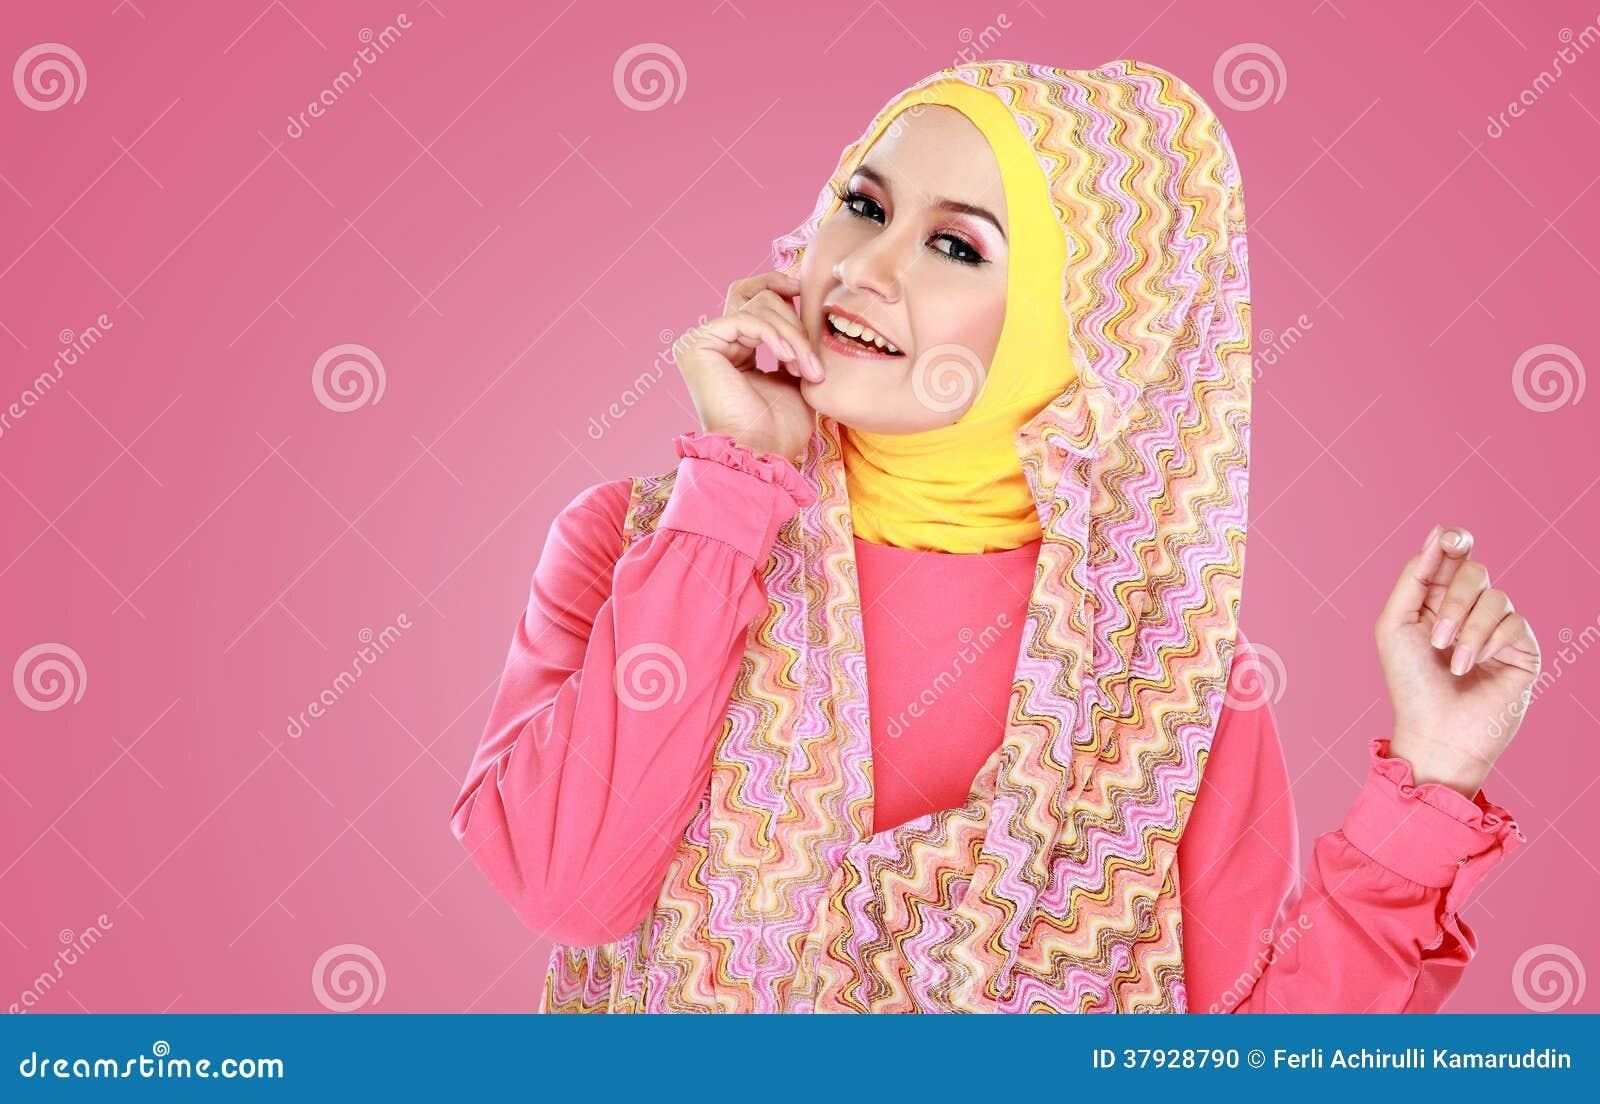 Молодая красивая мусульманская женщина с hijab розового костюма нося